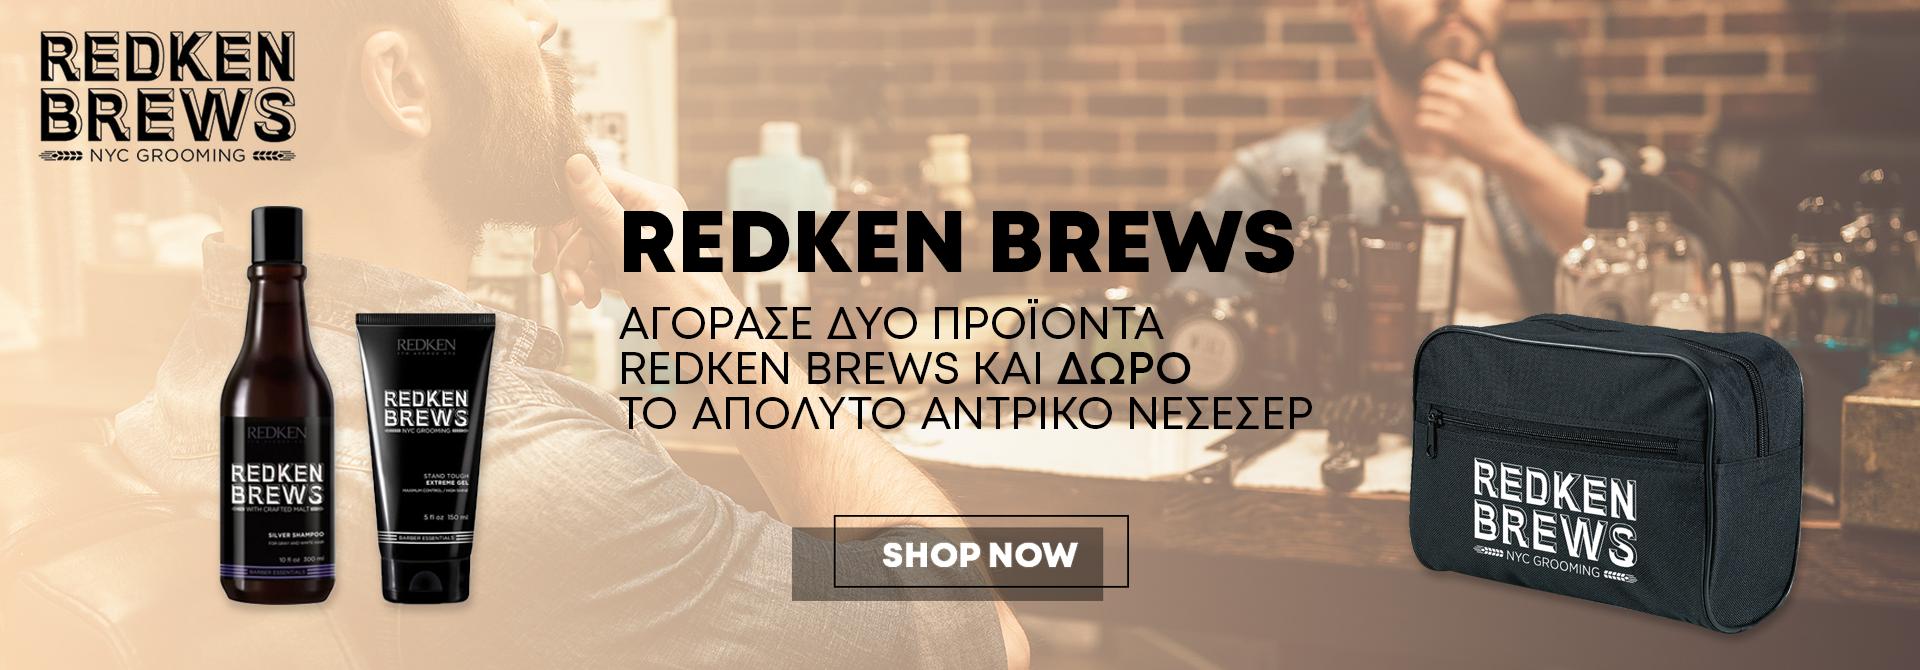 Προσφορά με υπέροχο δώρο. Αγόρασε δυο προϊόντα redken brews